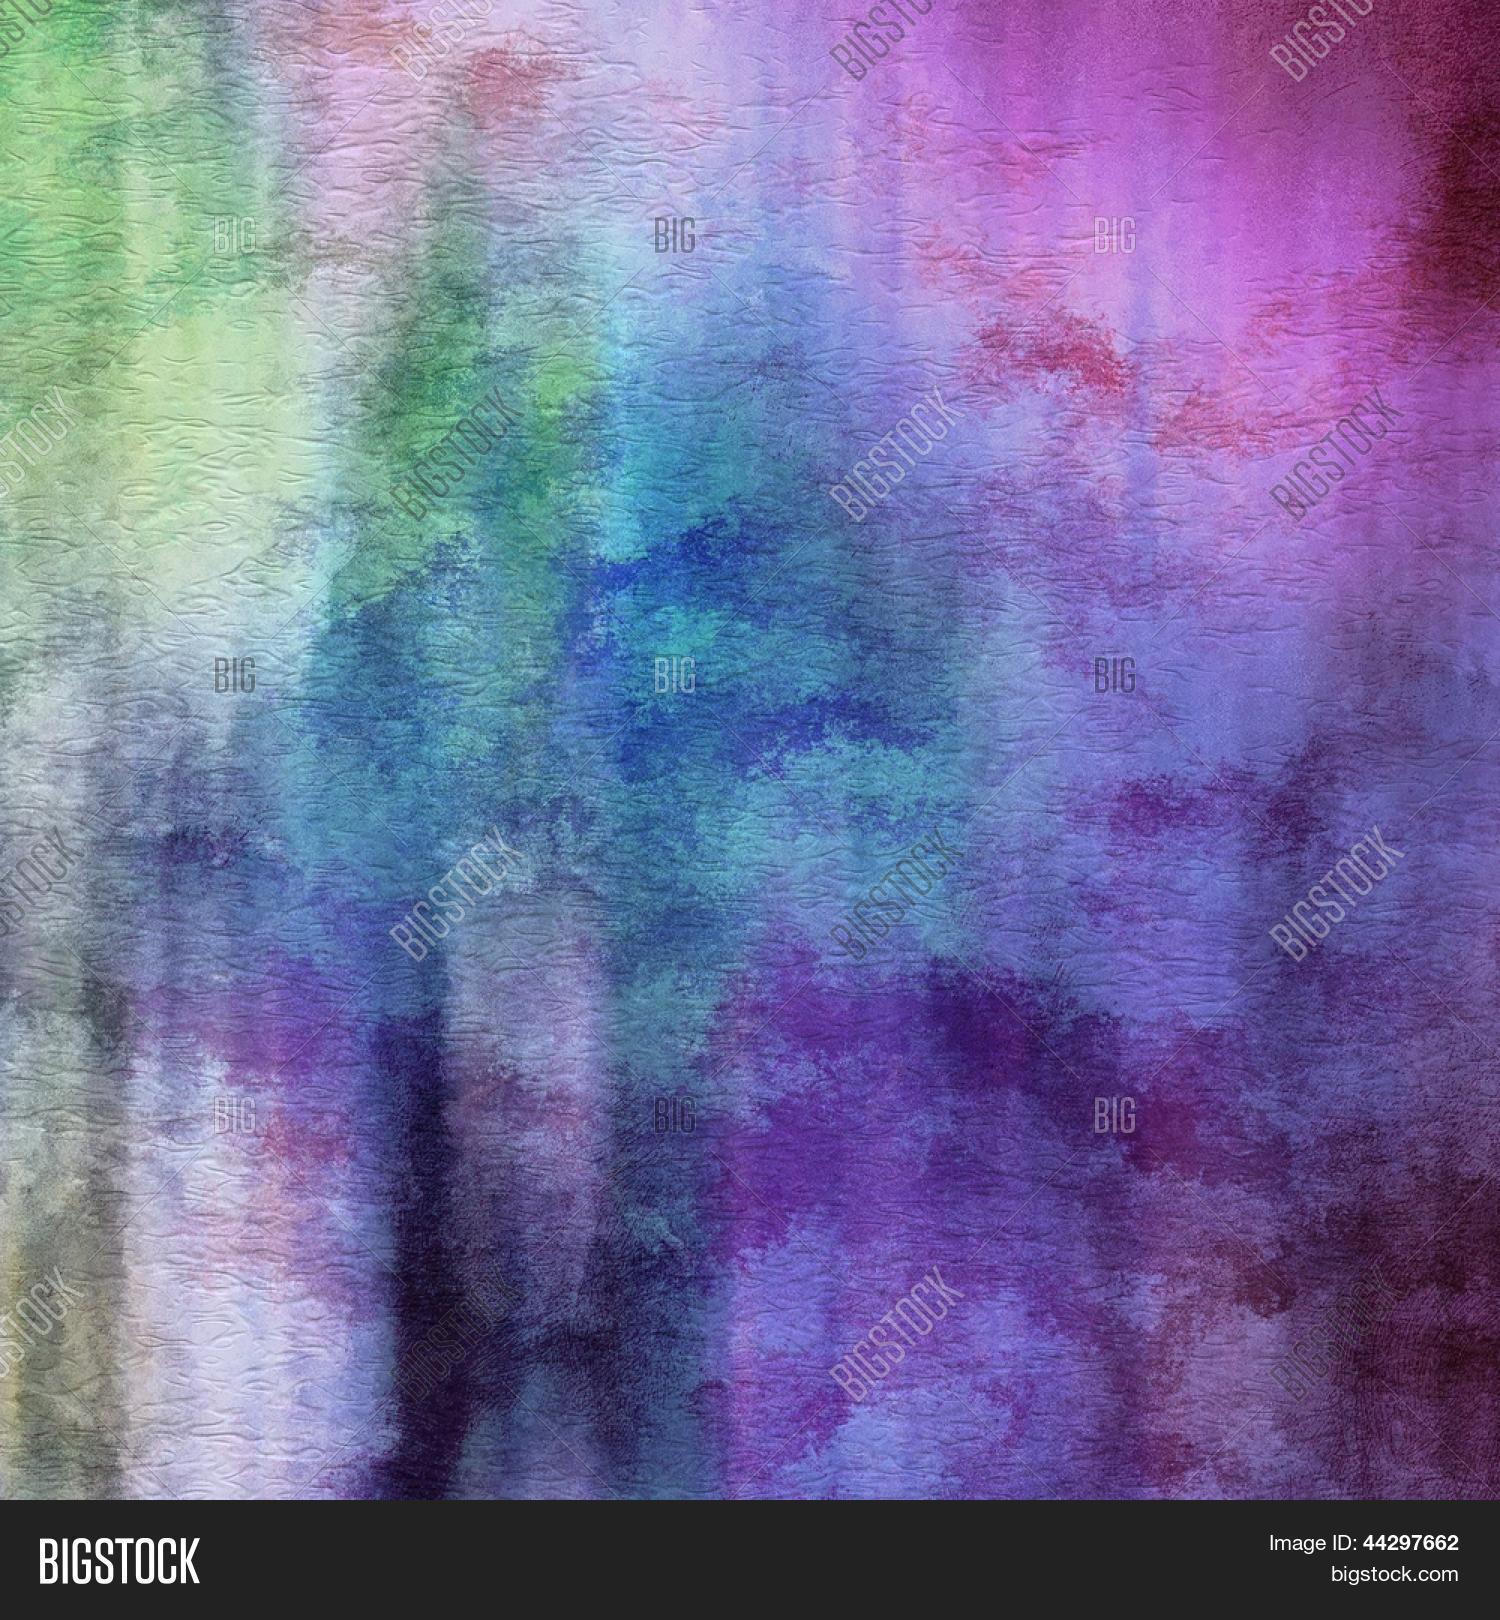 Immagine E Foto A Tema Arte Prova Gratuita Bigstock